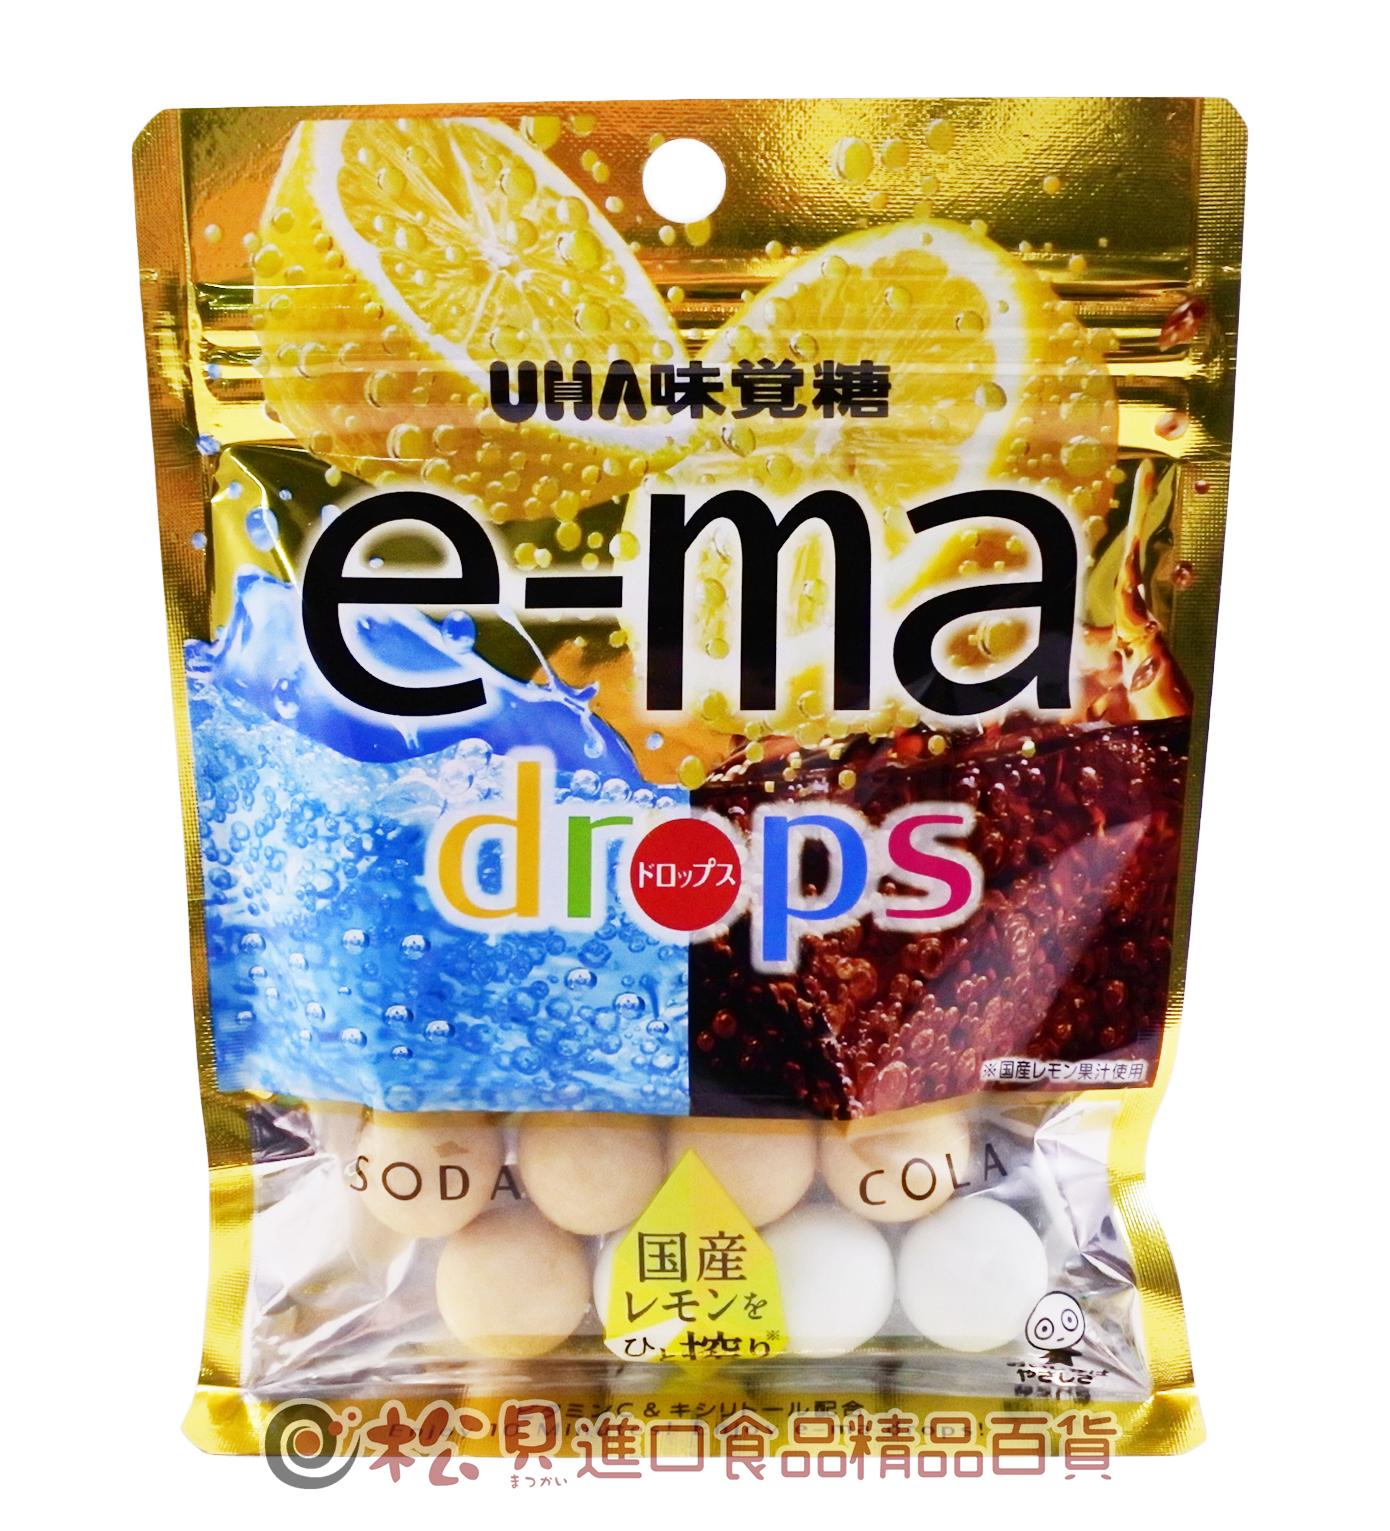 味覺e-ma喉糖汽水糖46g【4514062267562】